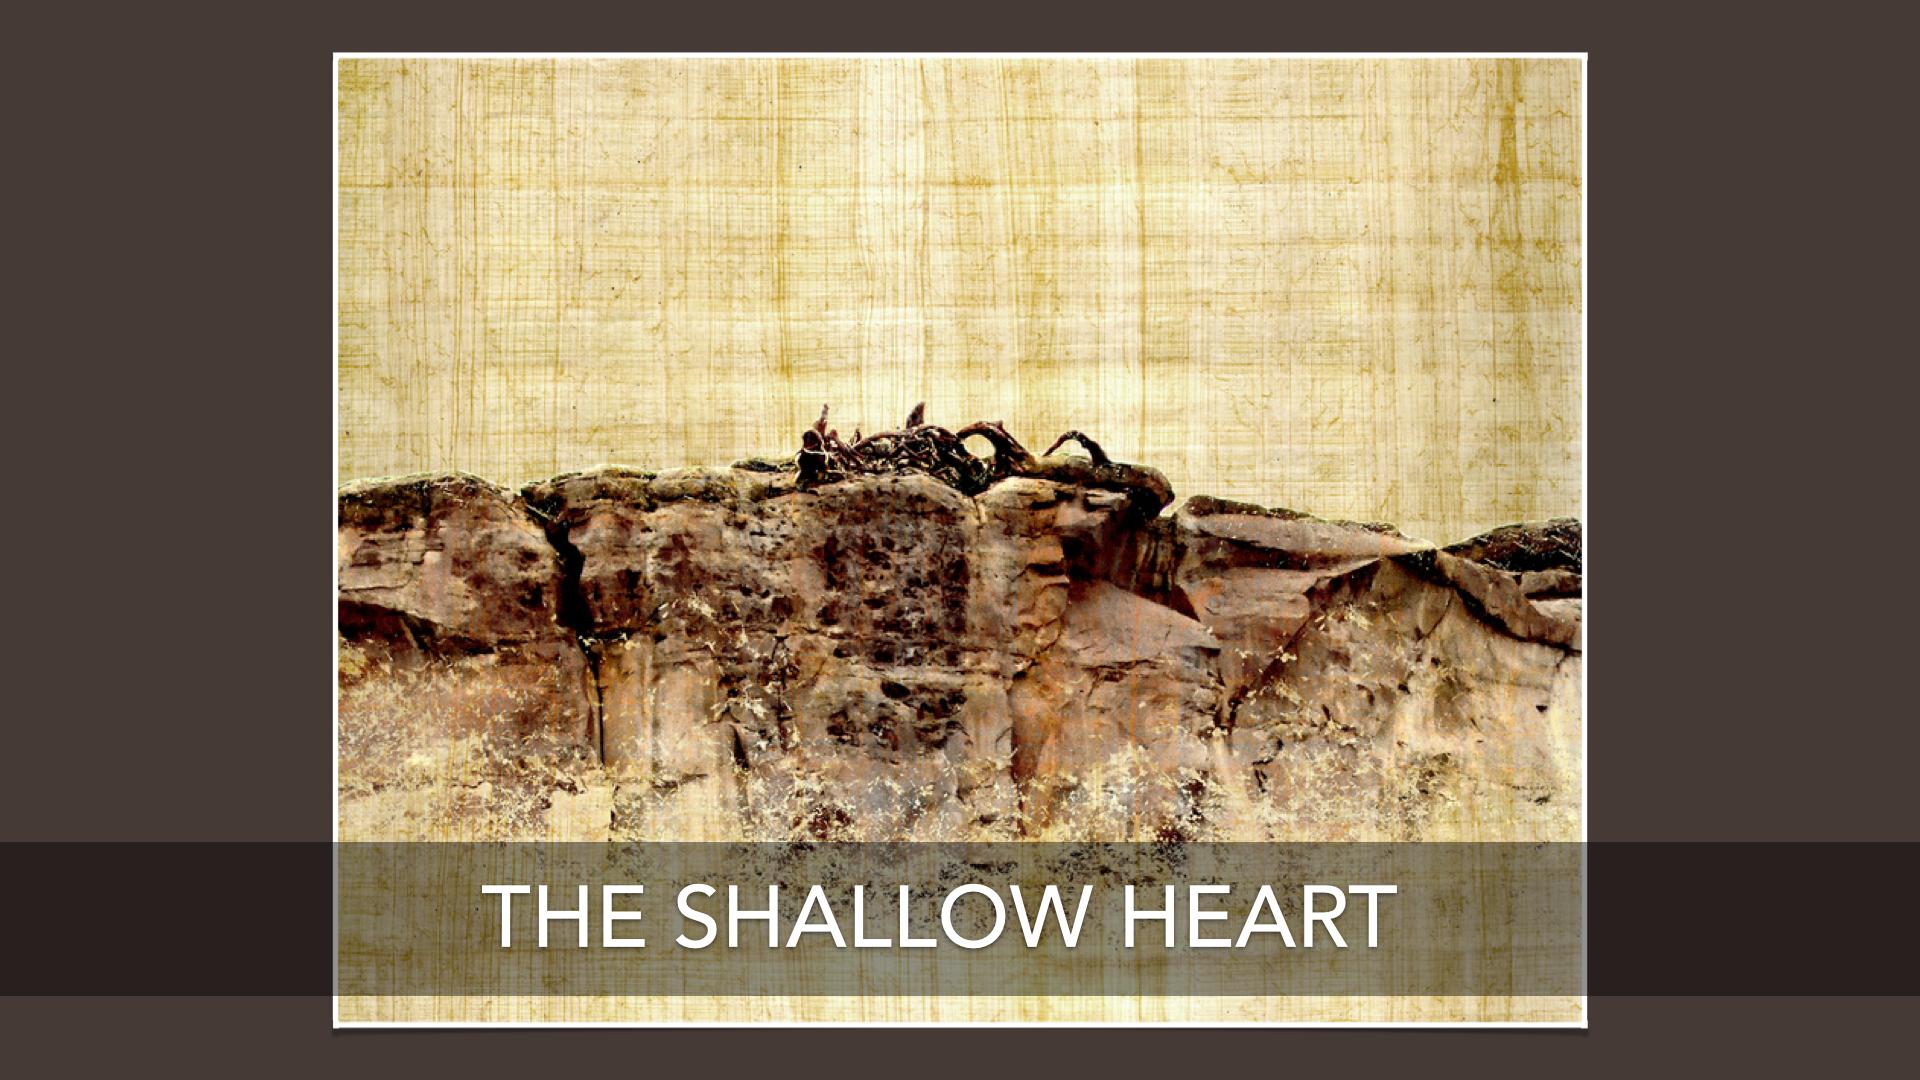 Shallow Heart